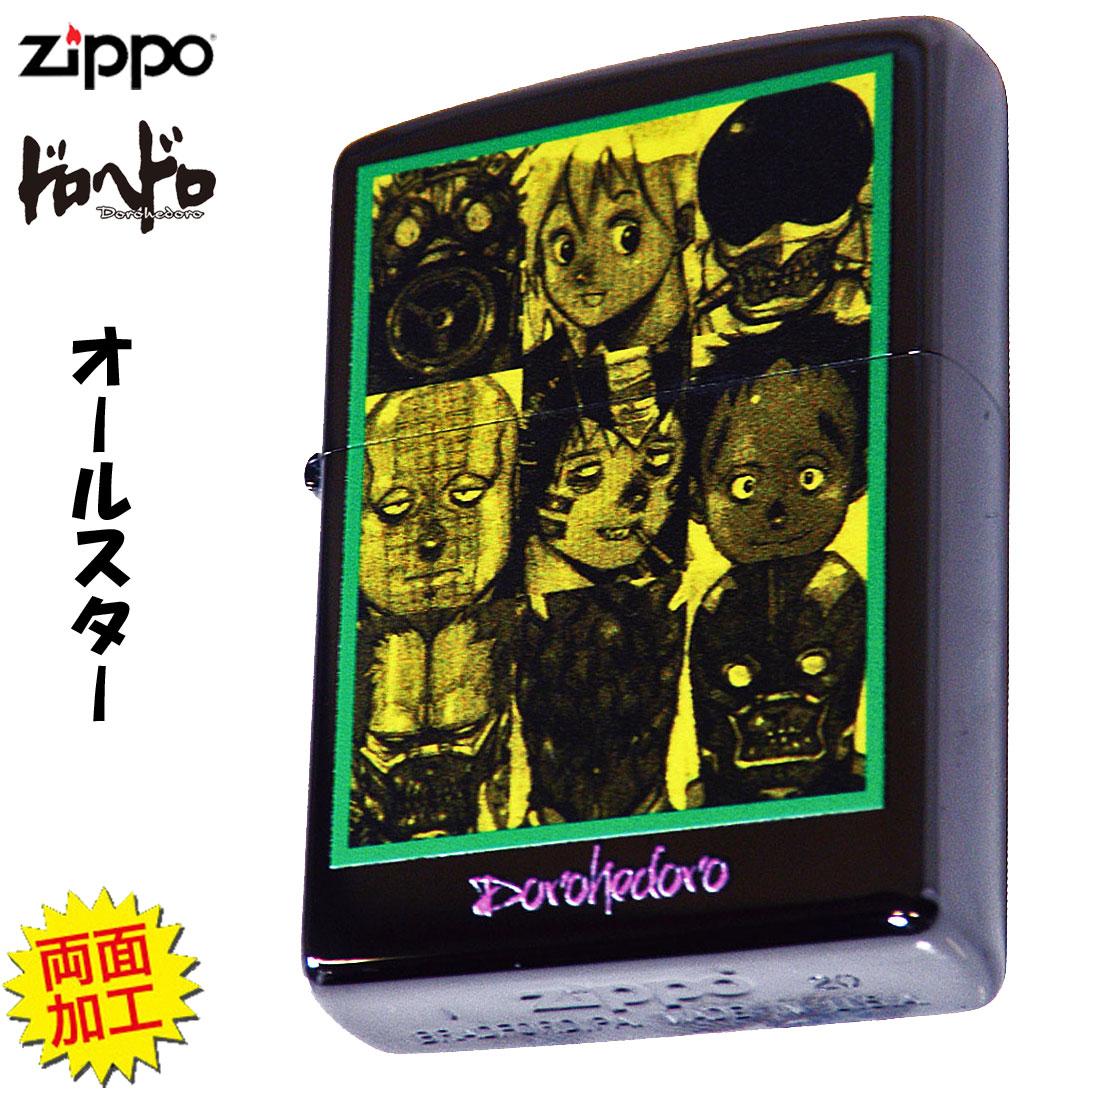 ZIPPO/ドロヘドロ オールスター ブラックニッケル画像